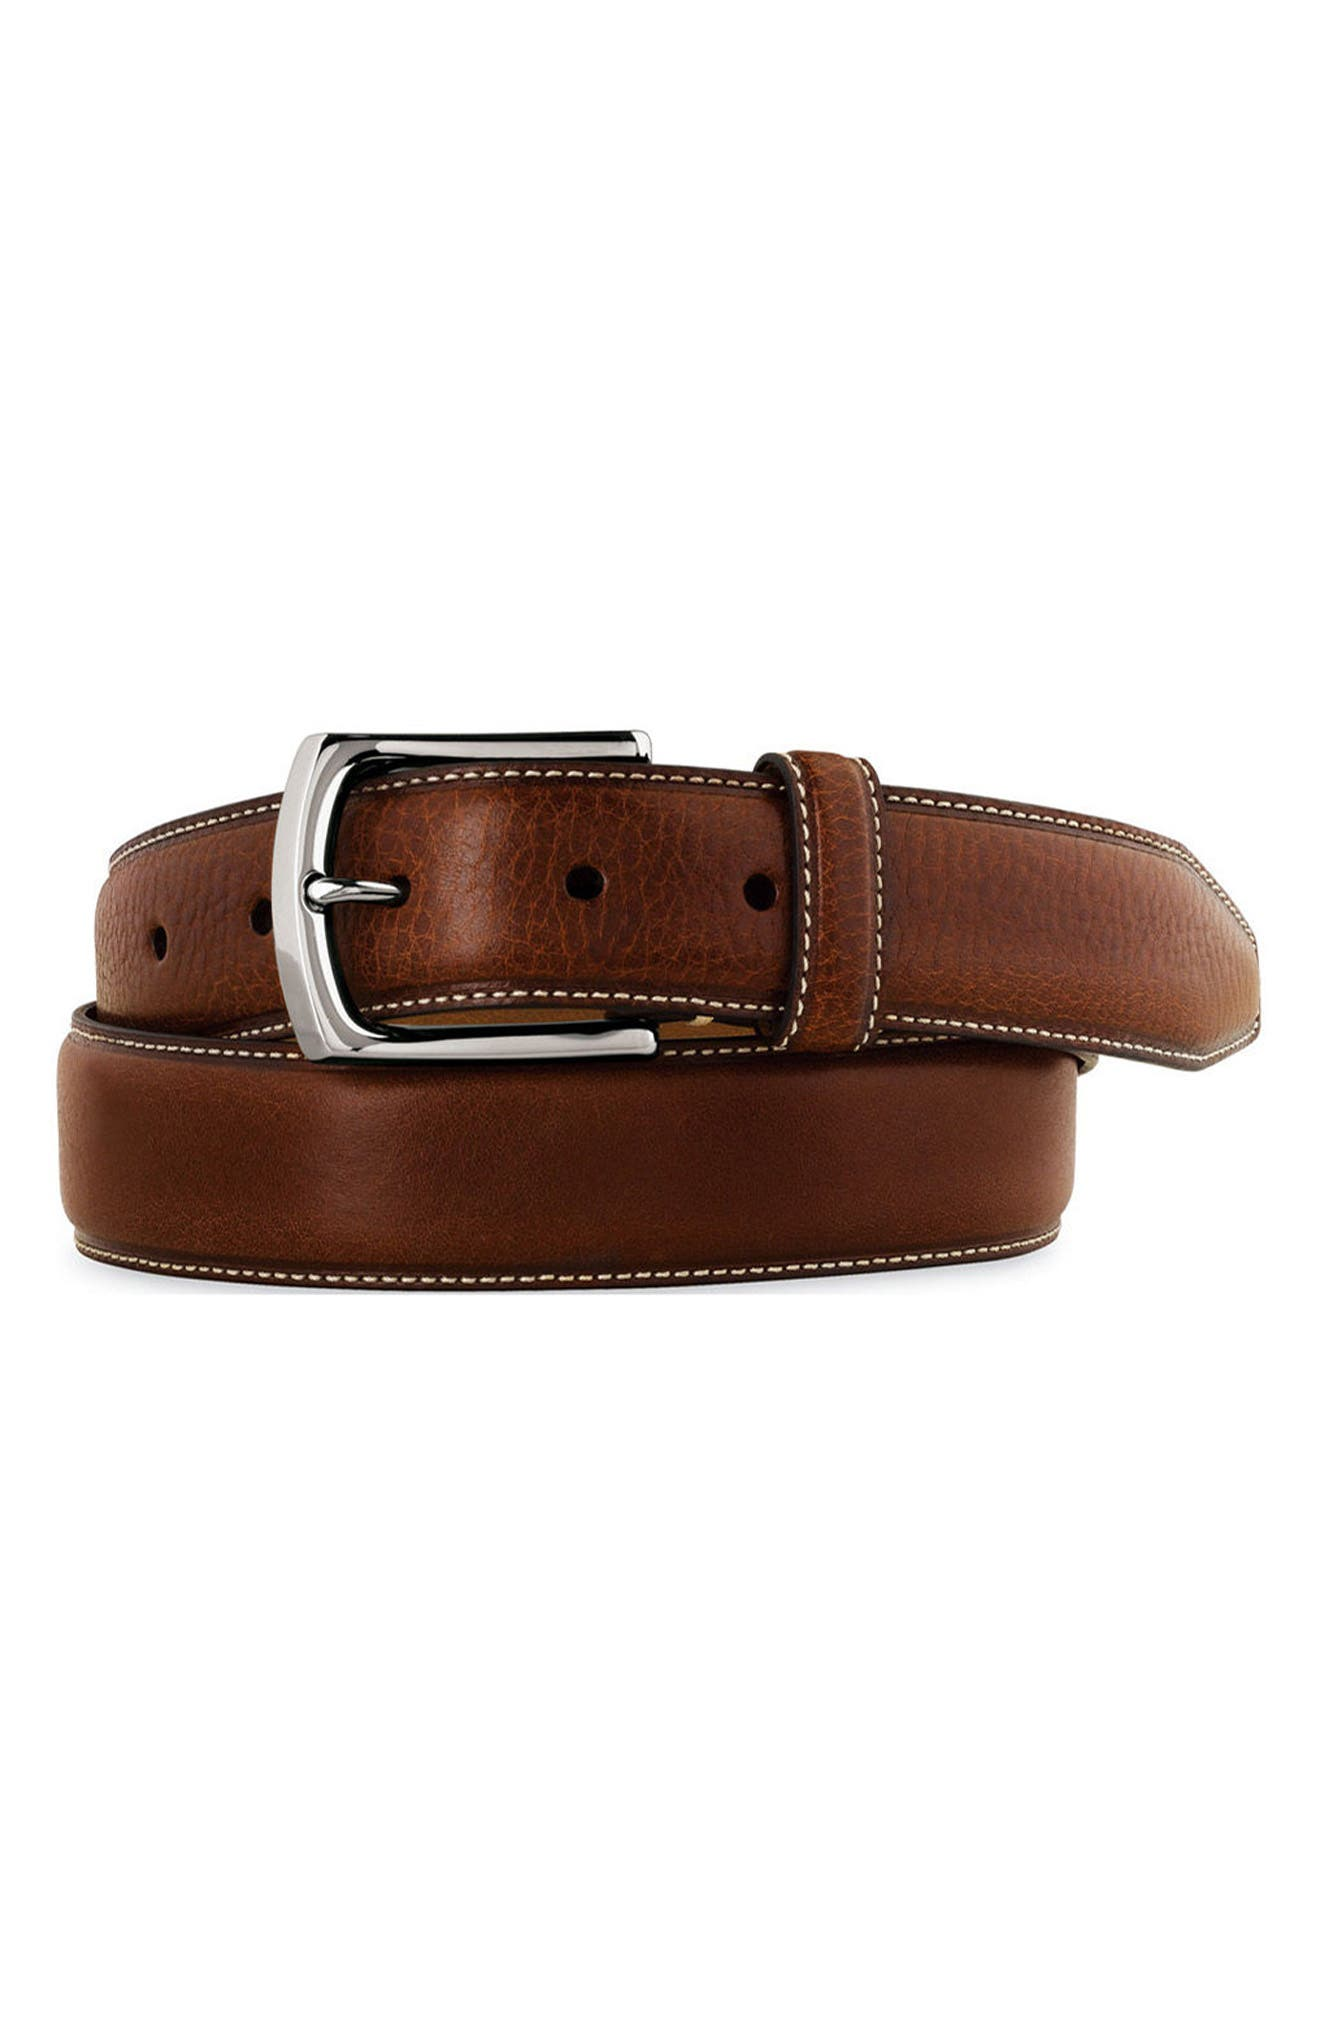 Johnston & Murphy Calfskin Leather Belt